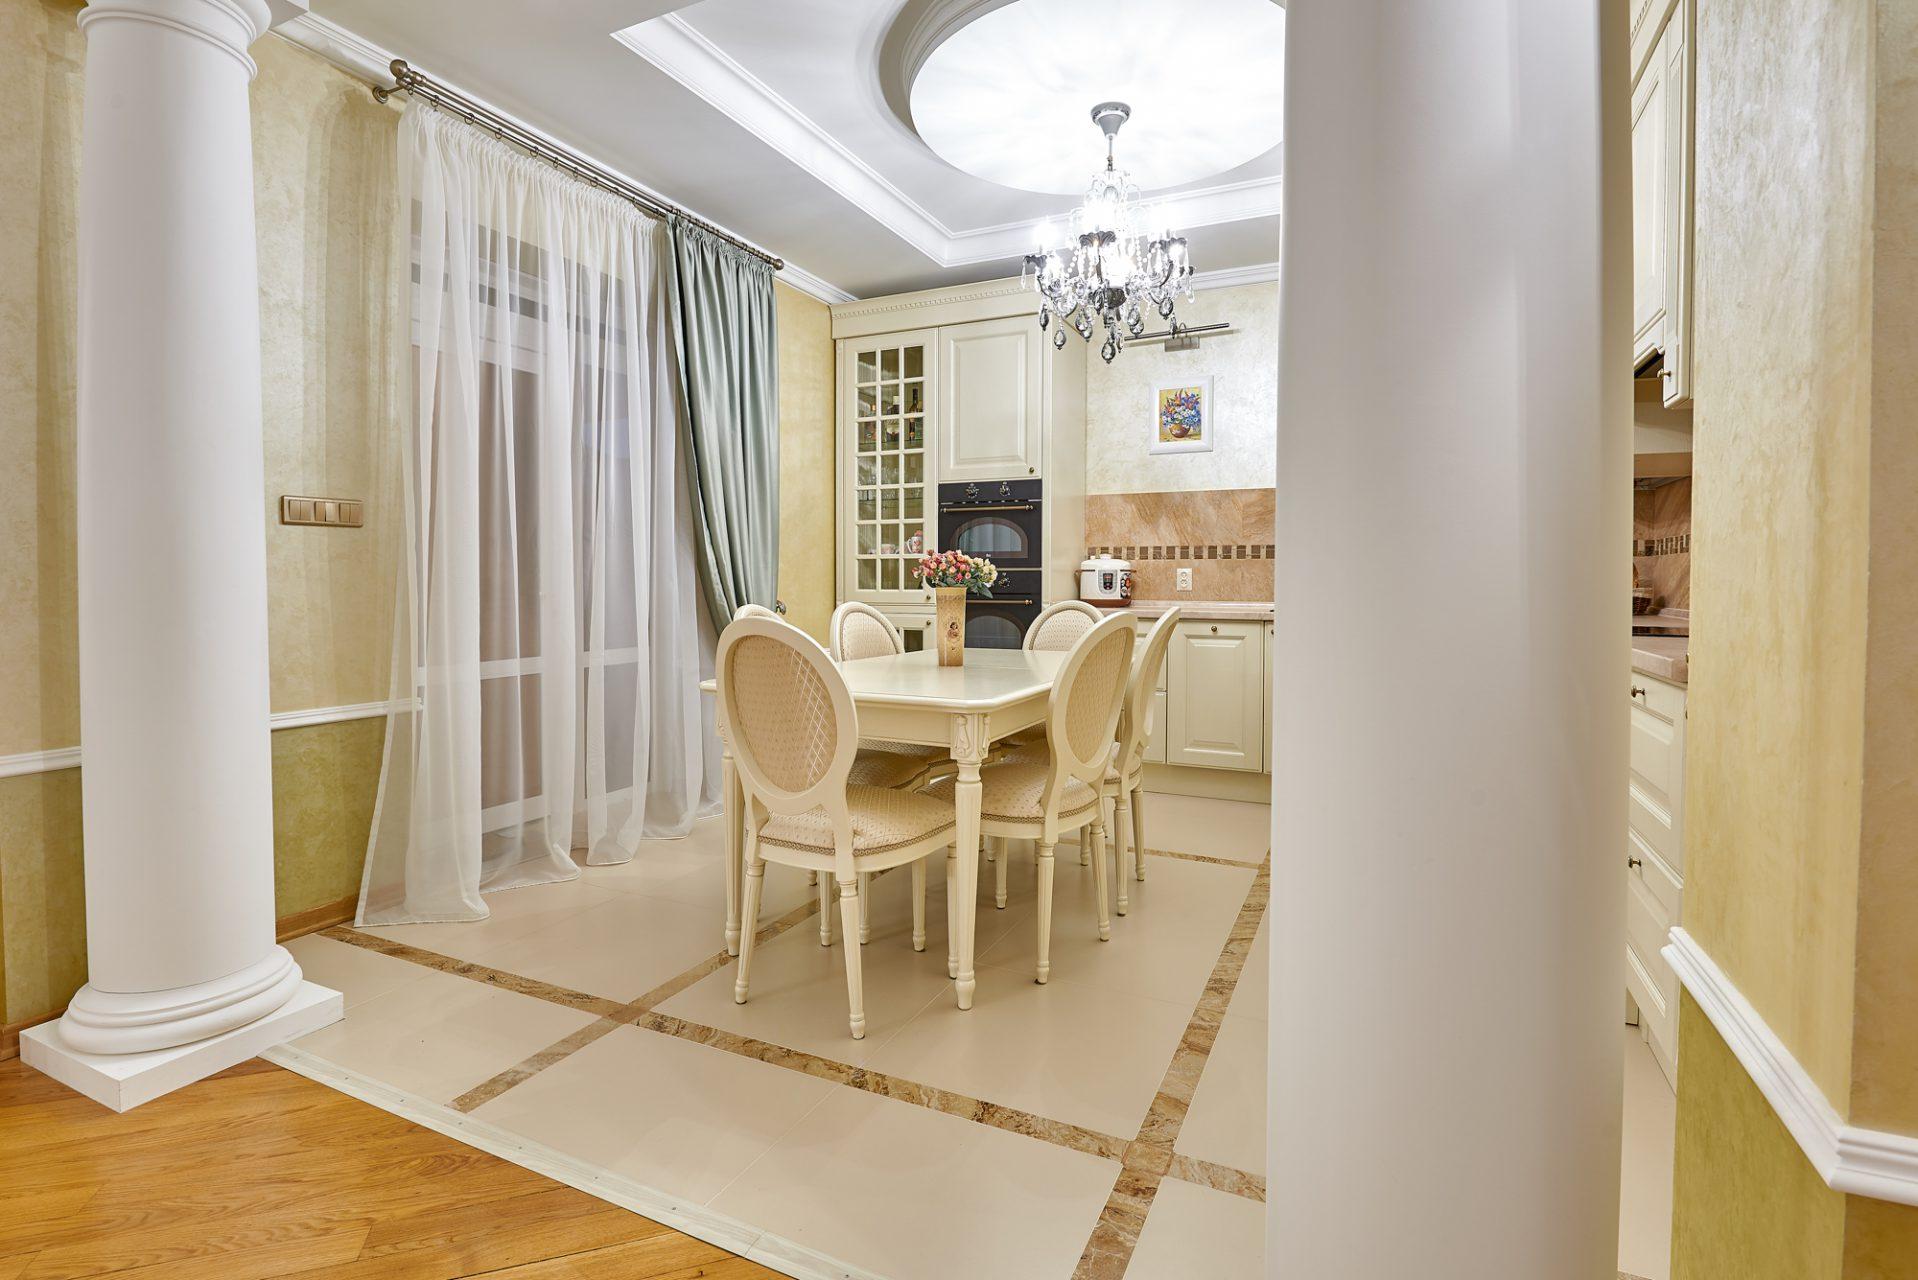 009_interior_kitchen3_korneychikeu